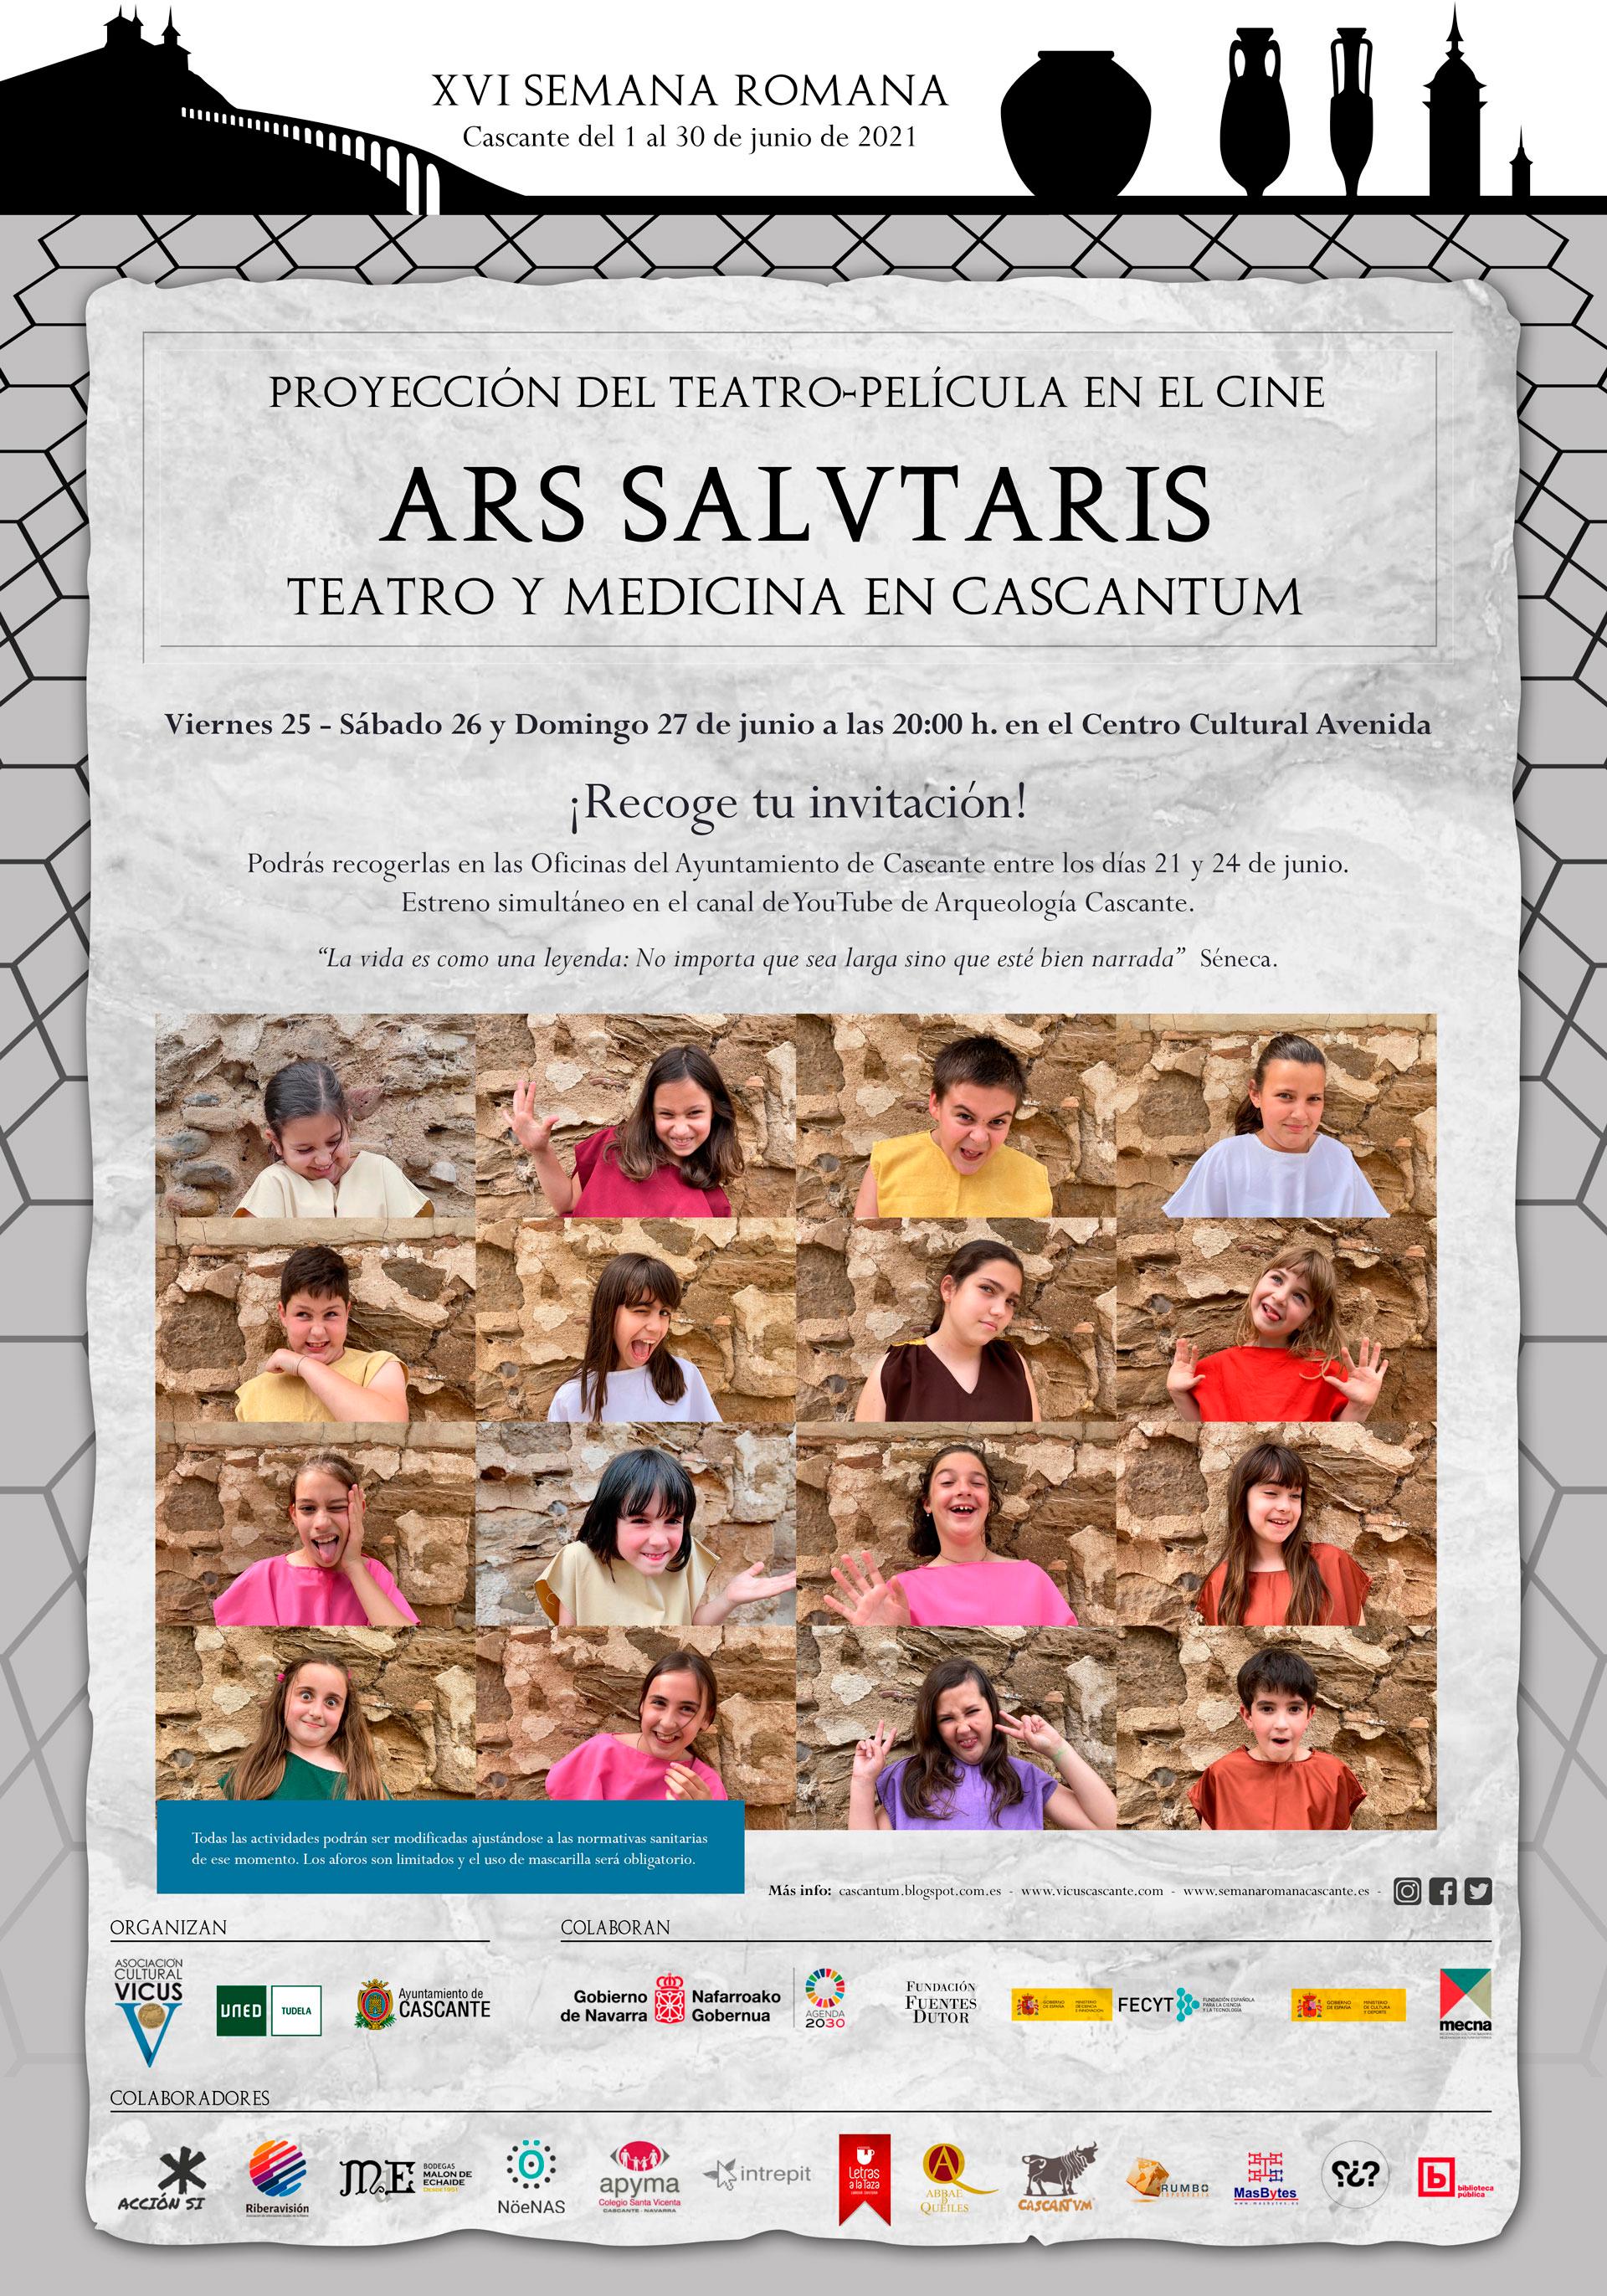 Cartel-Teatro-Pelicula-Semana-Romana-2021_VICUS_low